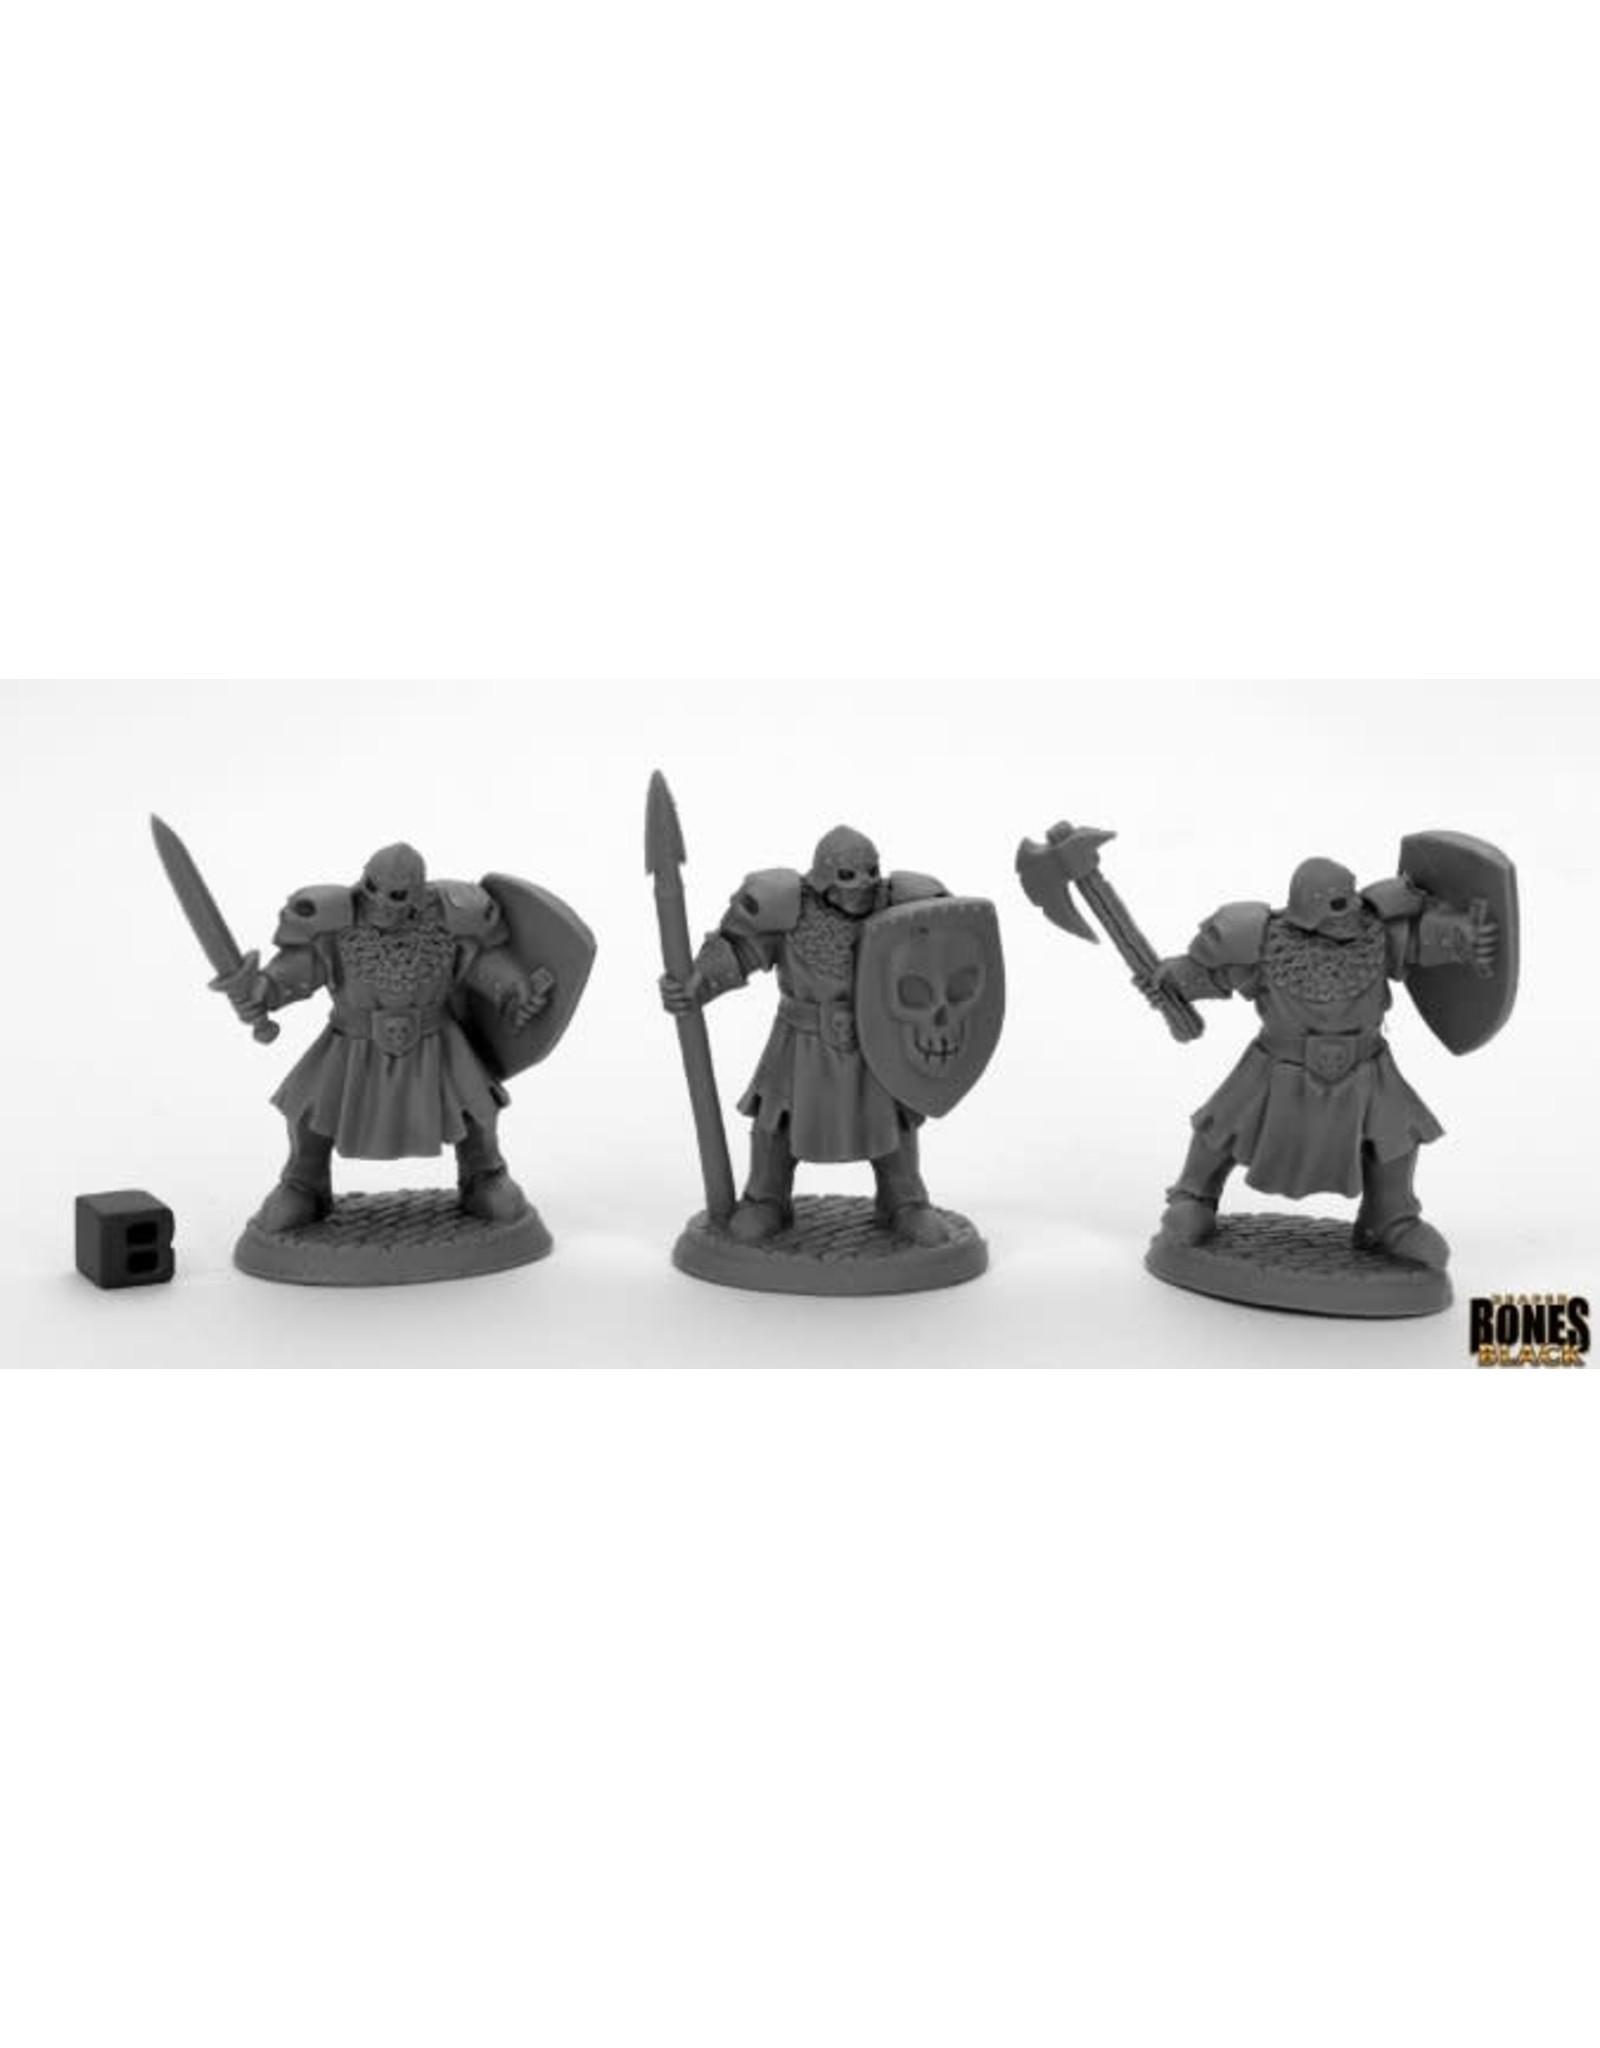 Reaper Mini Maggotcrown men at Arms